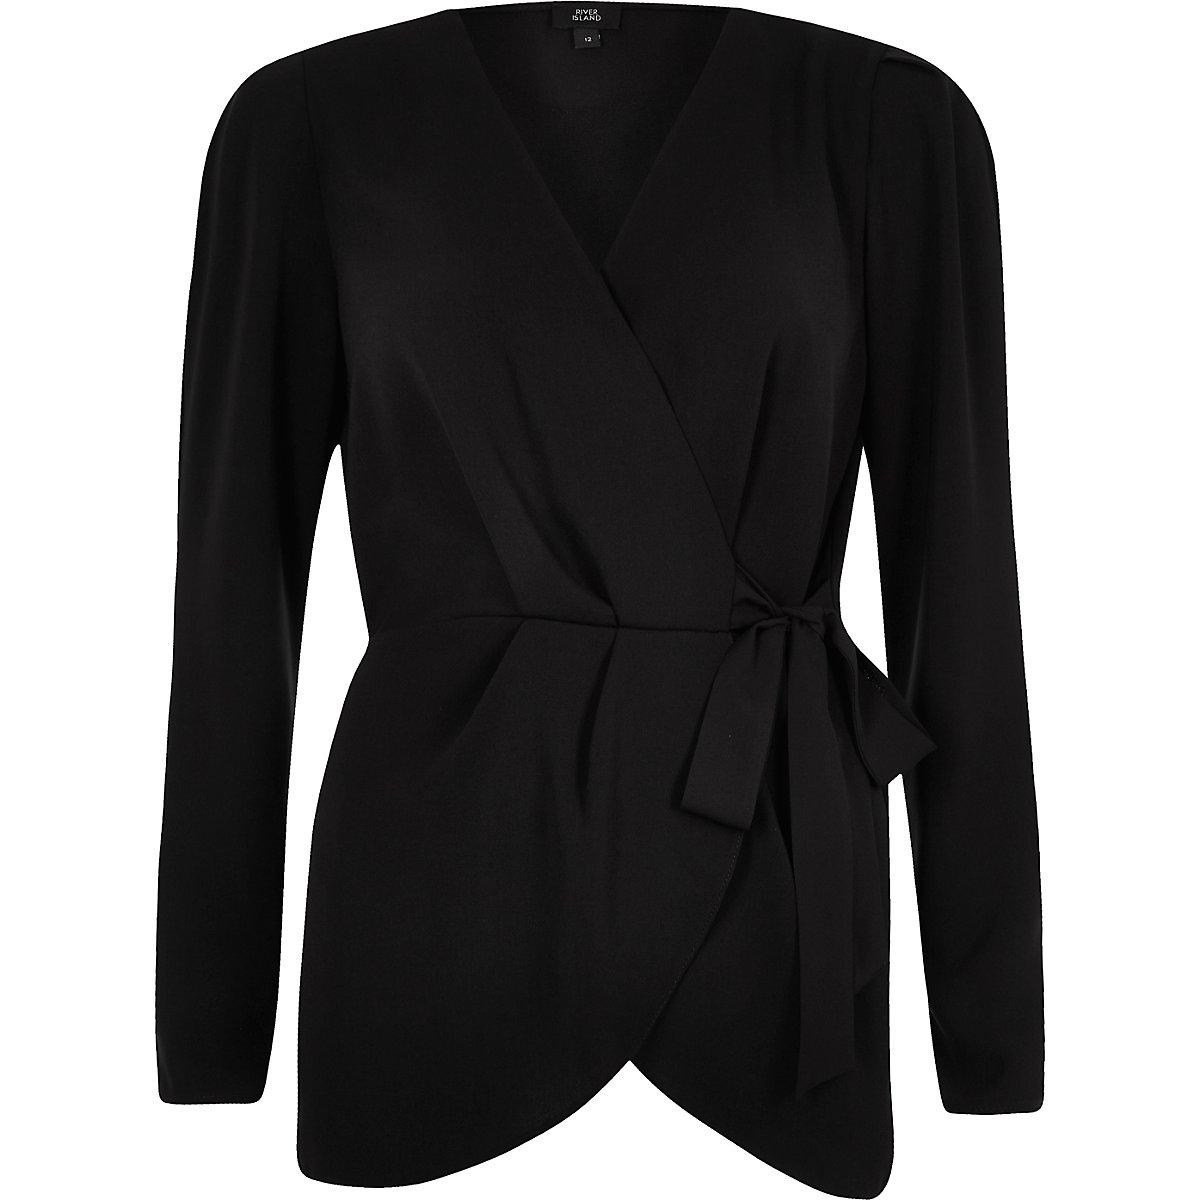 Overslag blouse zwart